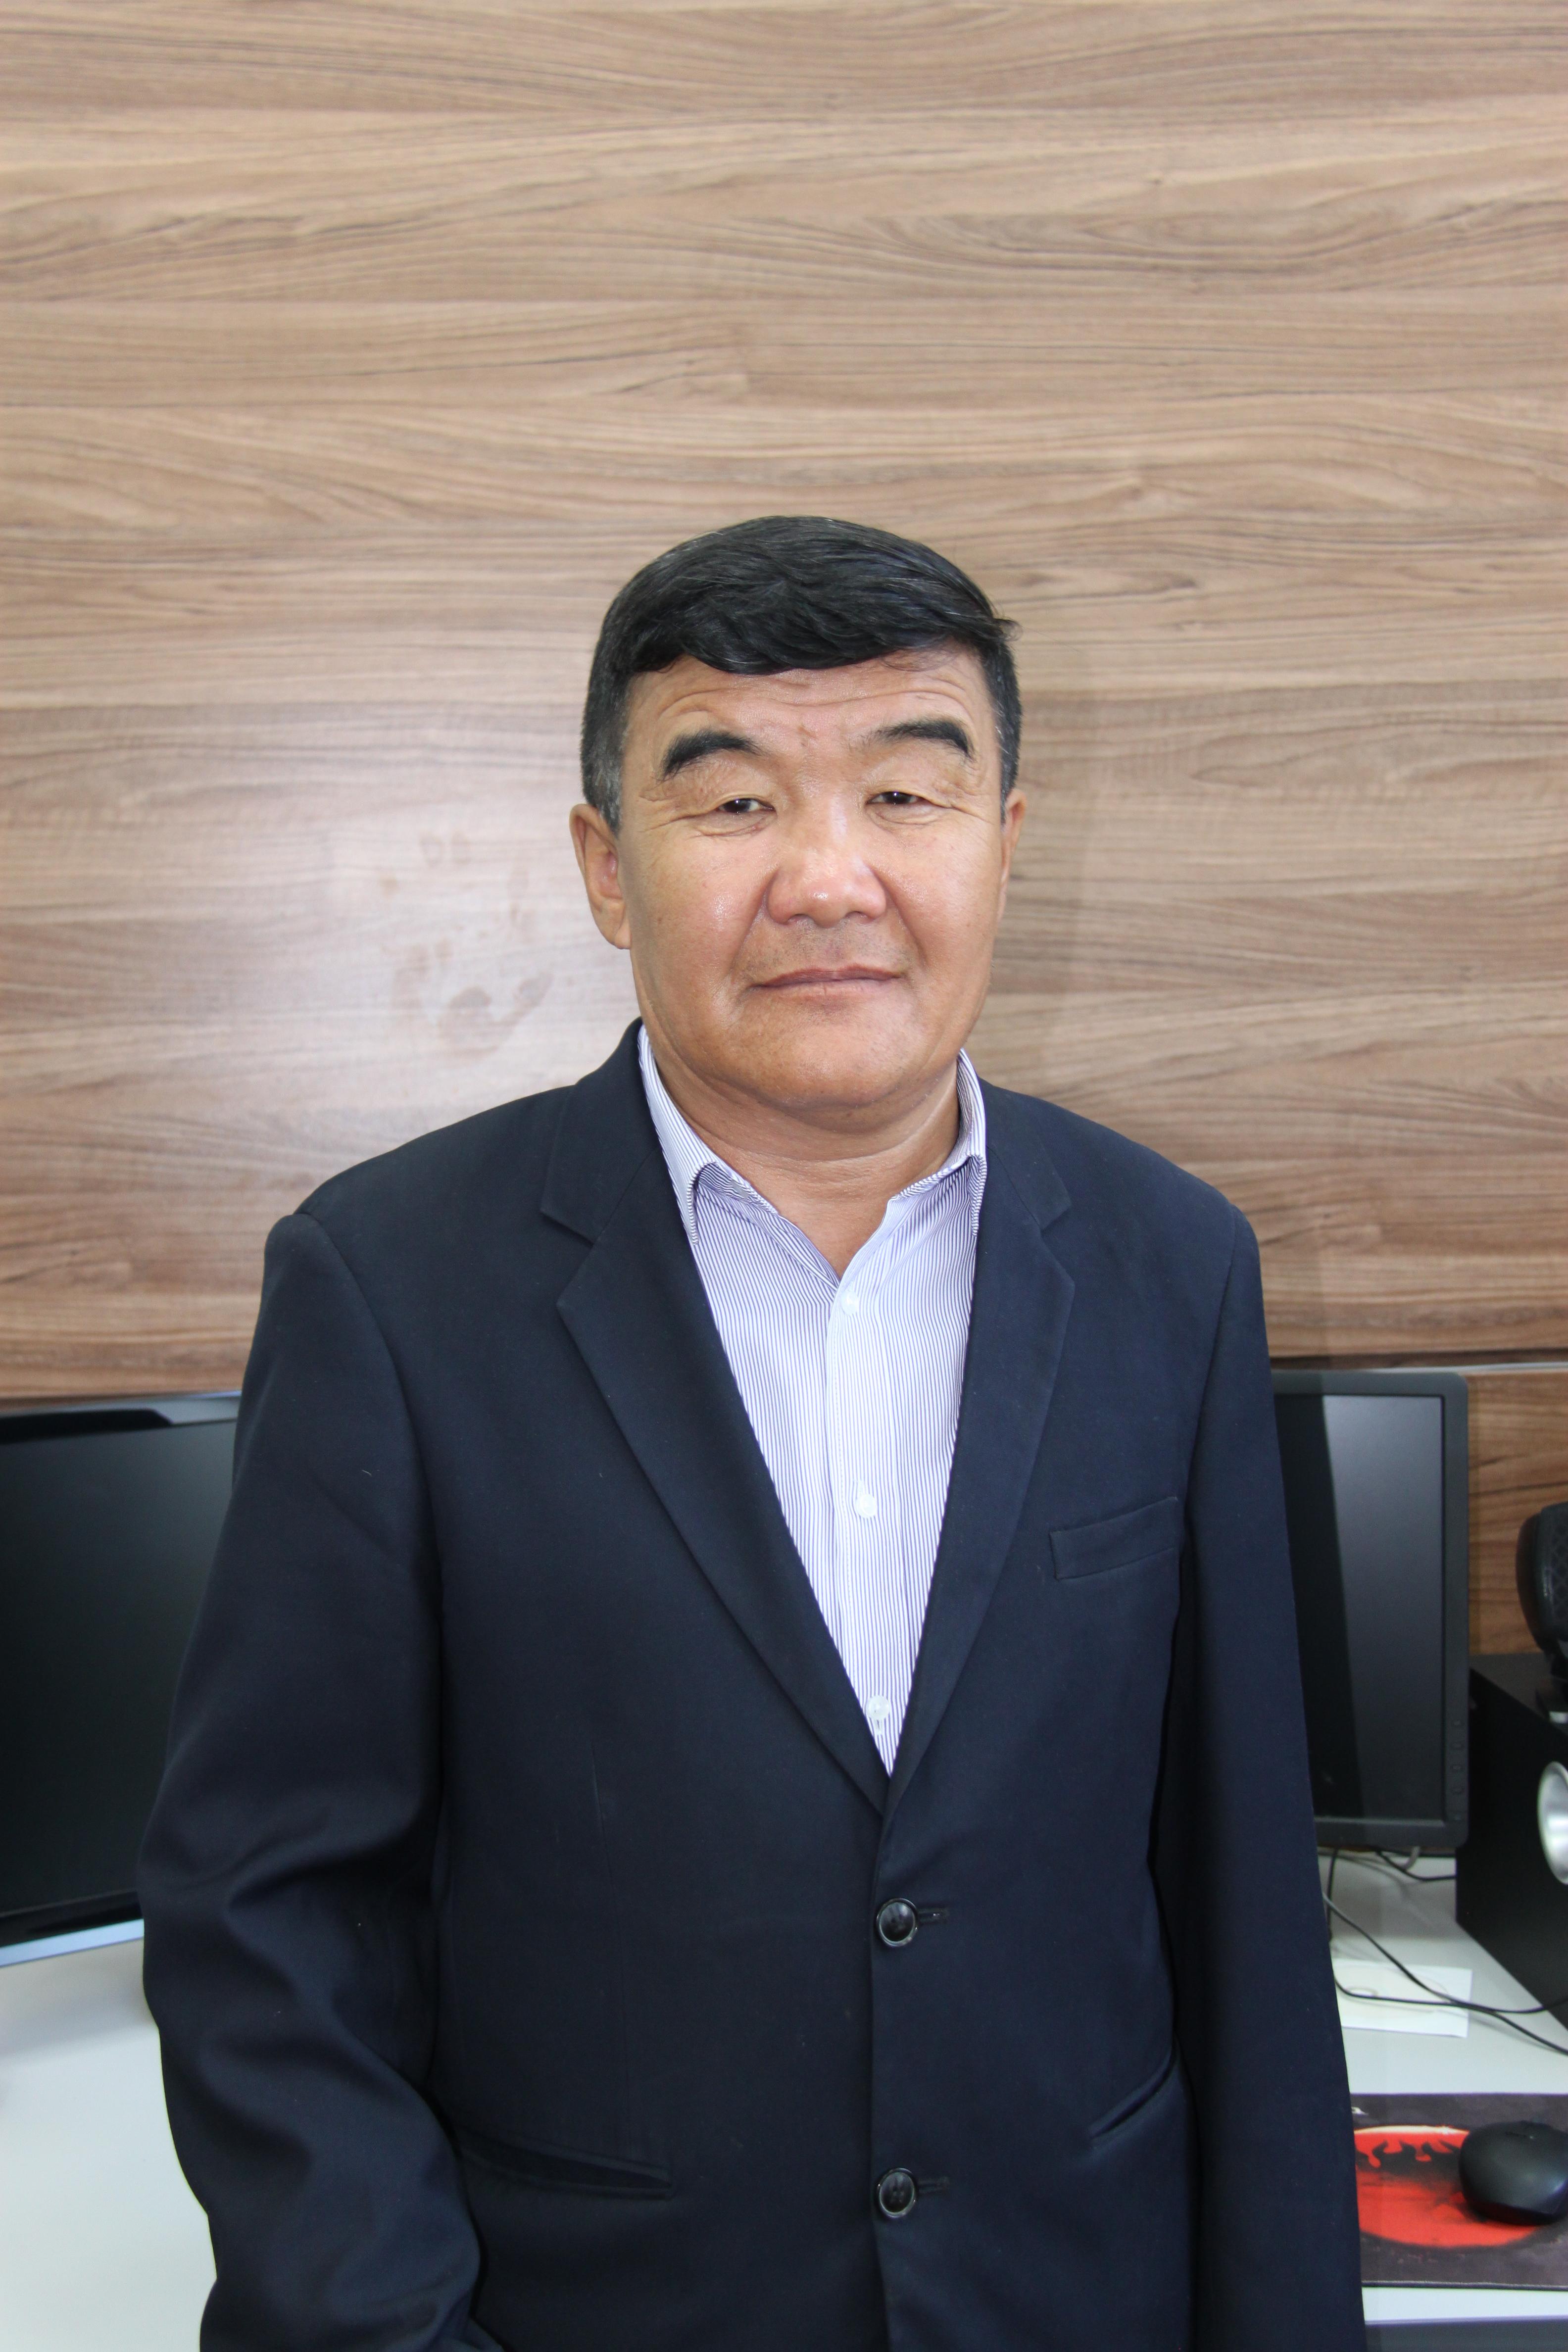 Монгол үндэстний урлаг, соёлын  нэгэн өвөрмөц содон арга хэмжээ болно